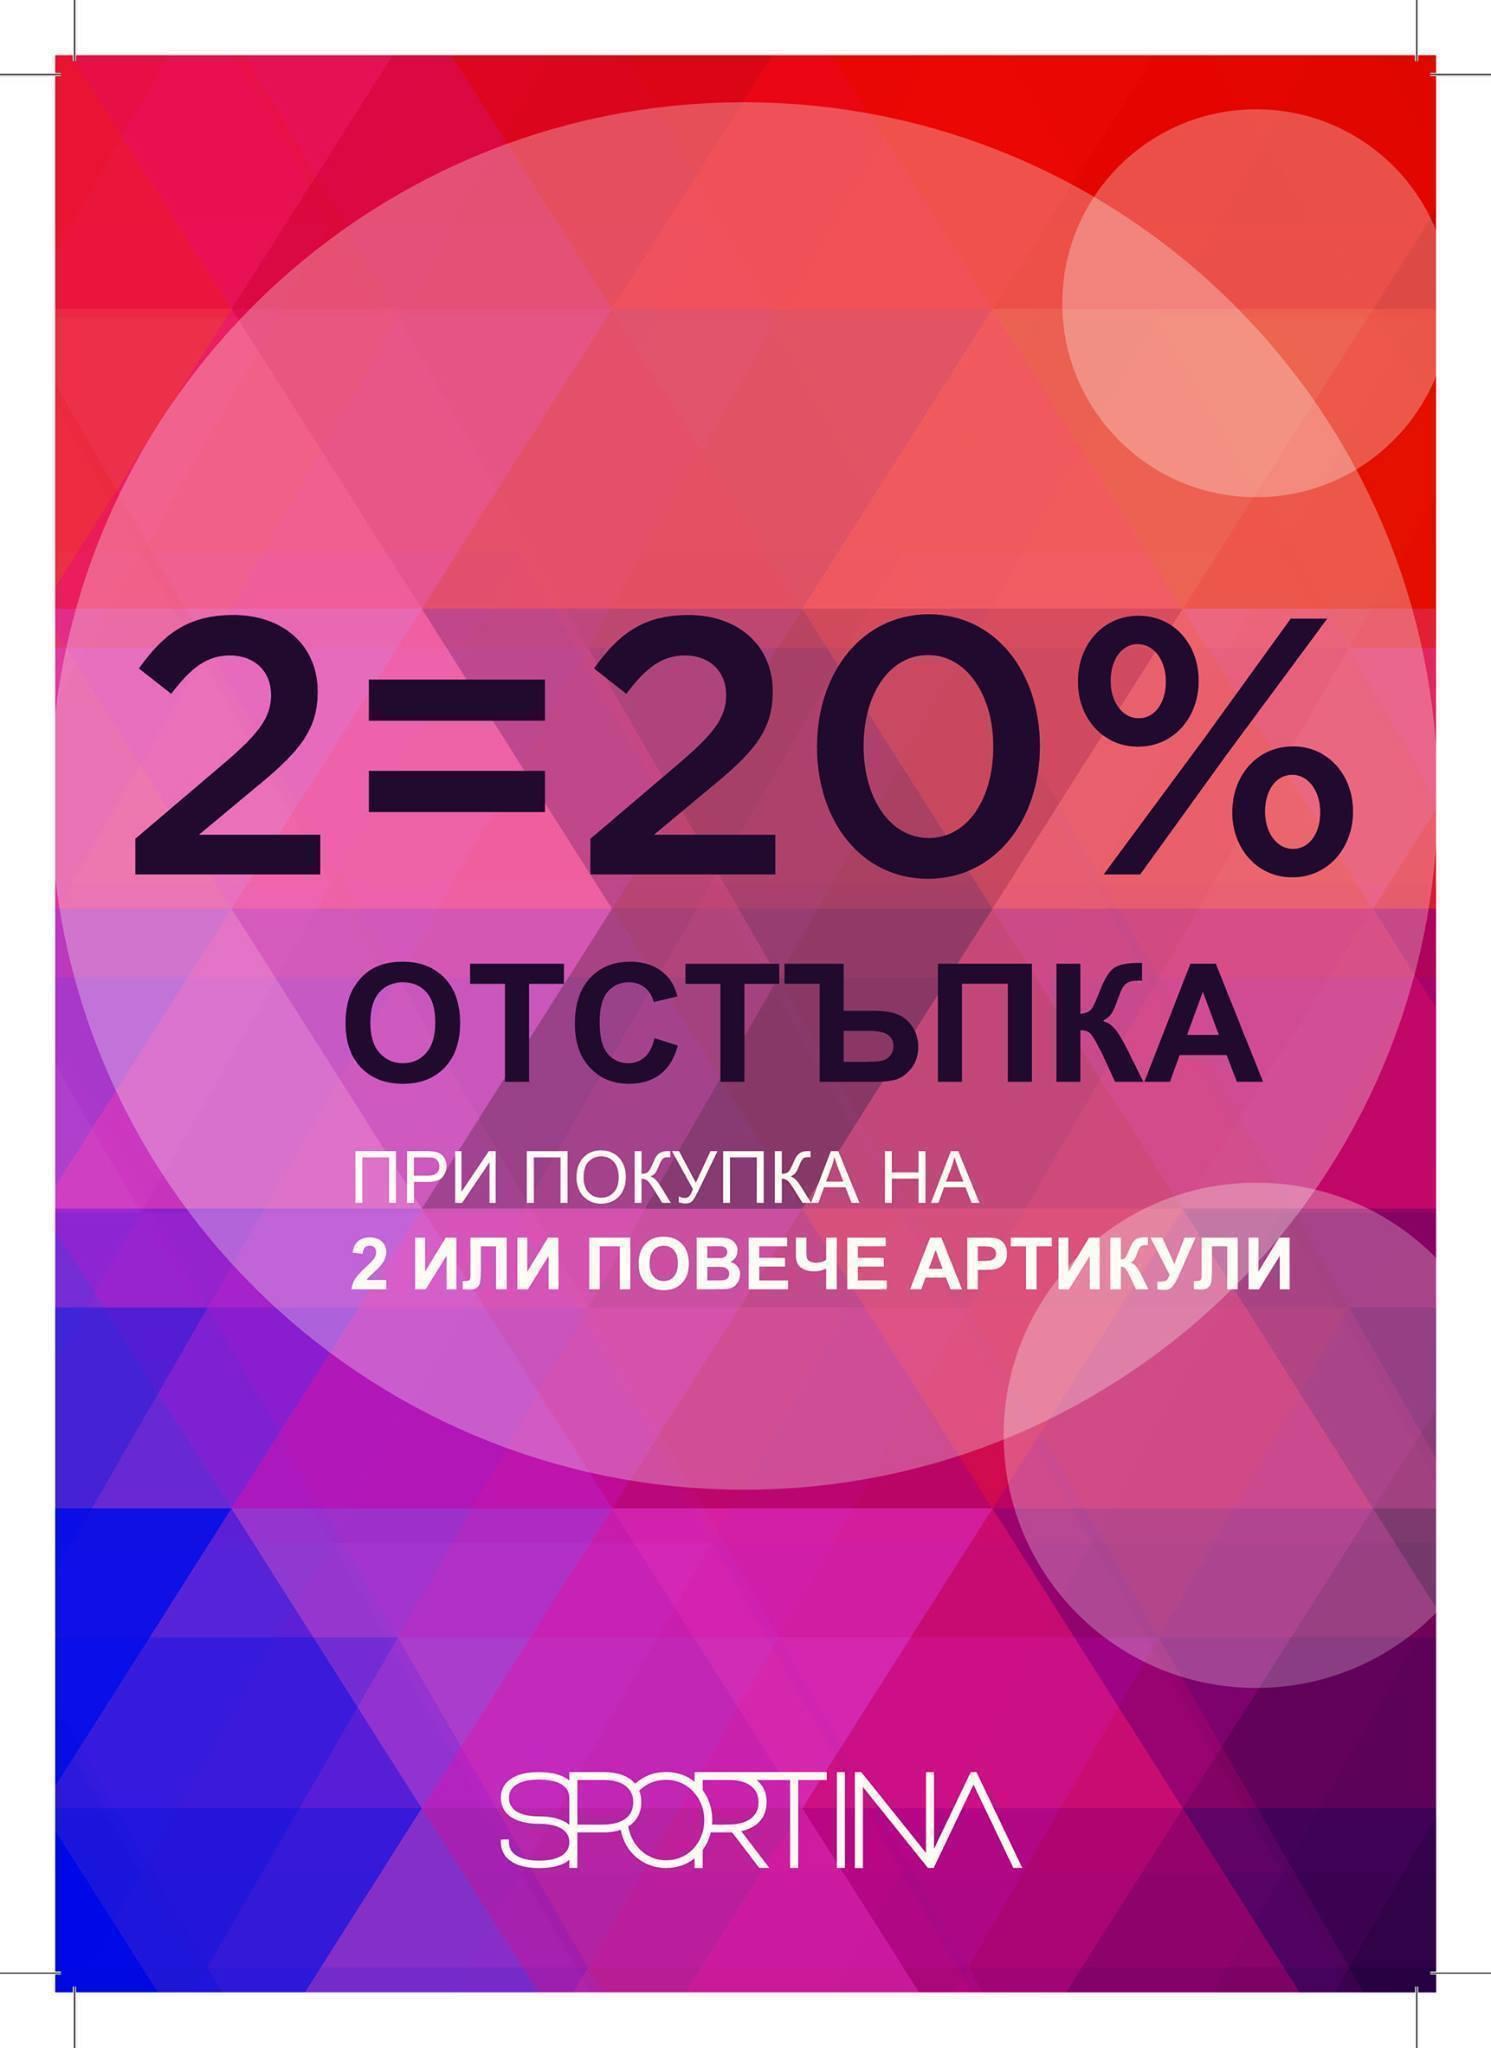 Възползвайте се от специалното уикенд предложение от магазини Sportina!